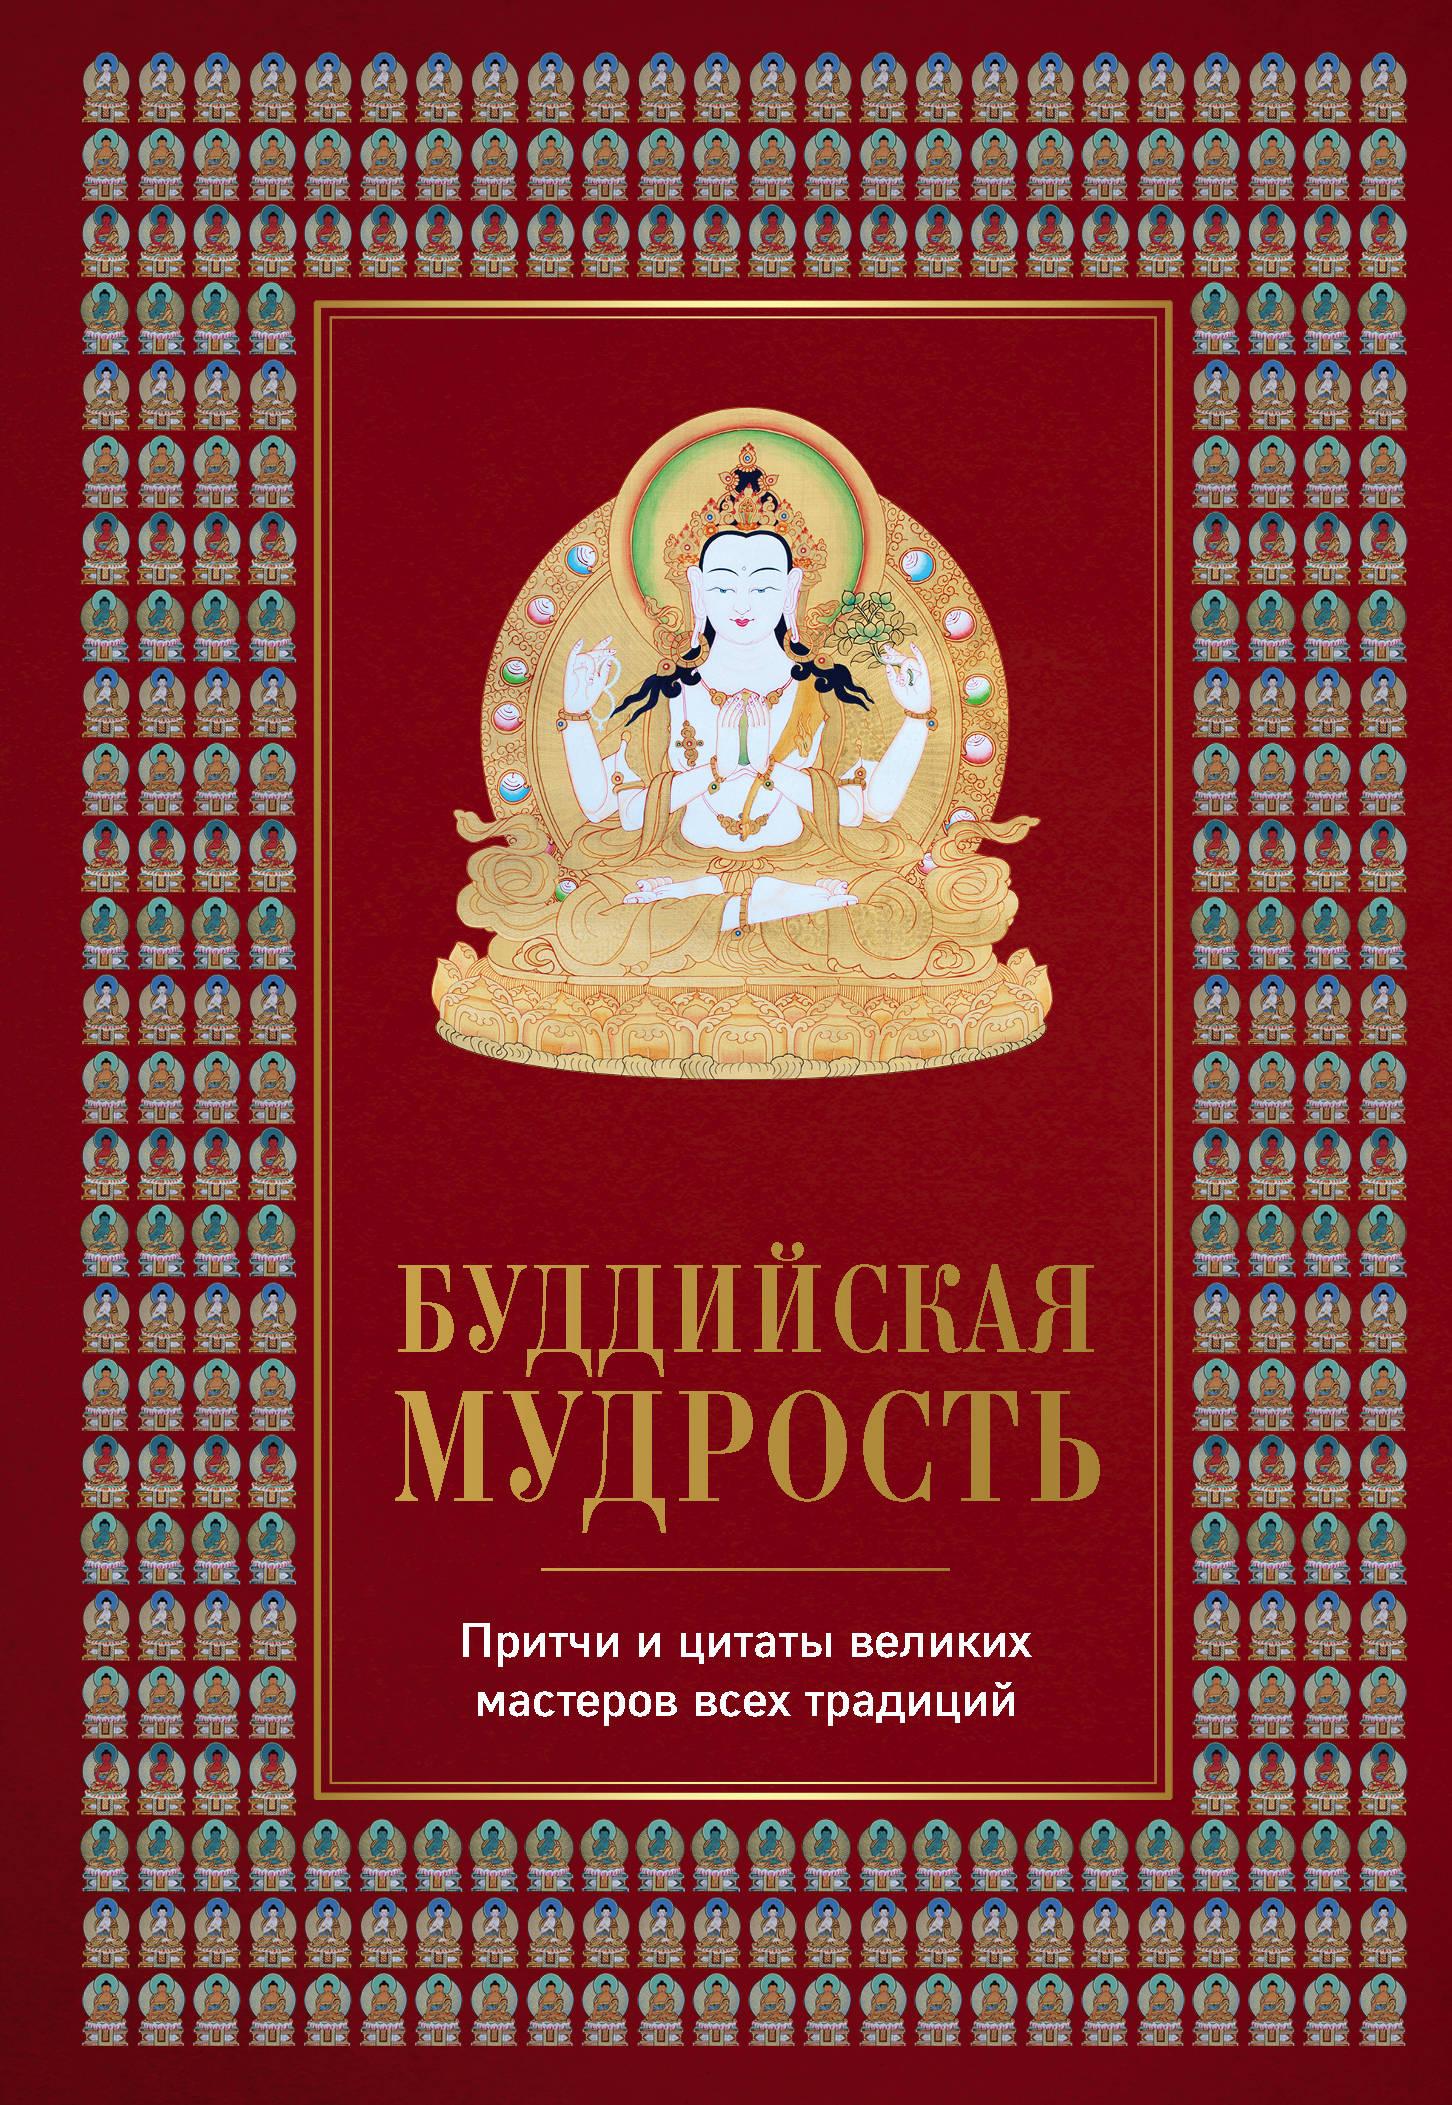 Елена Леонтьева Буддийская мудрость. Притчи и цитаты великих мастеров всех традиций